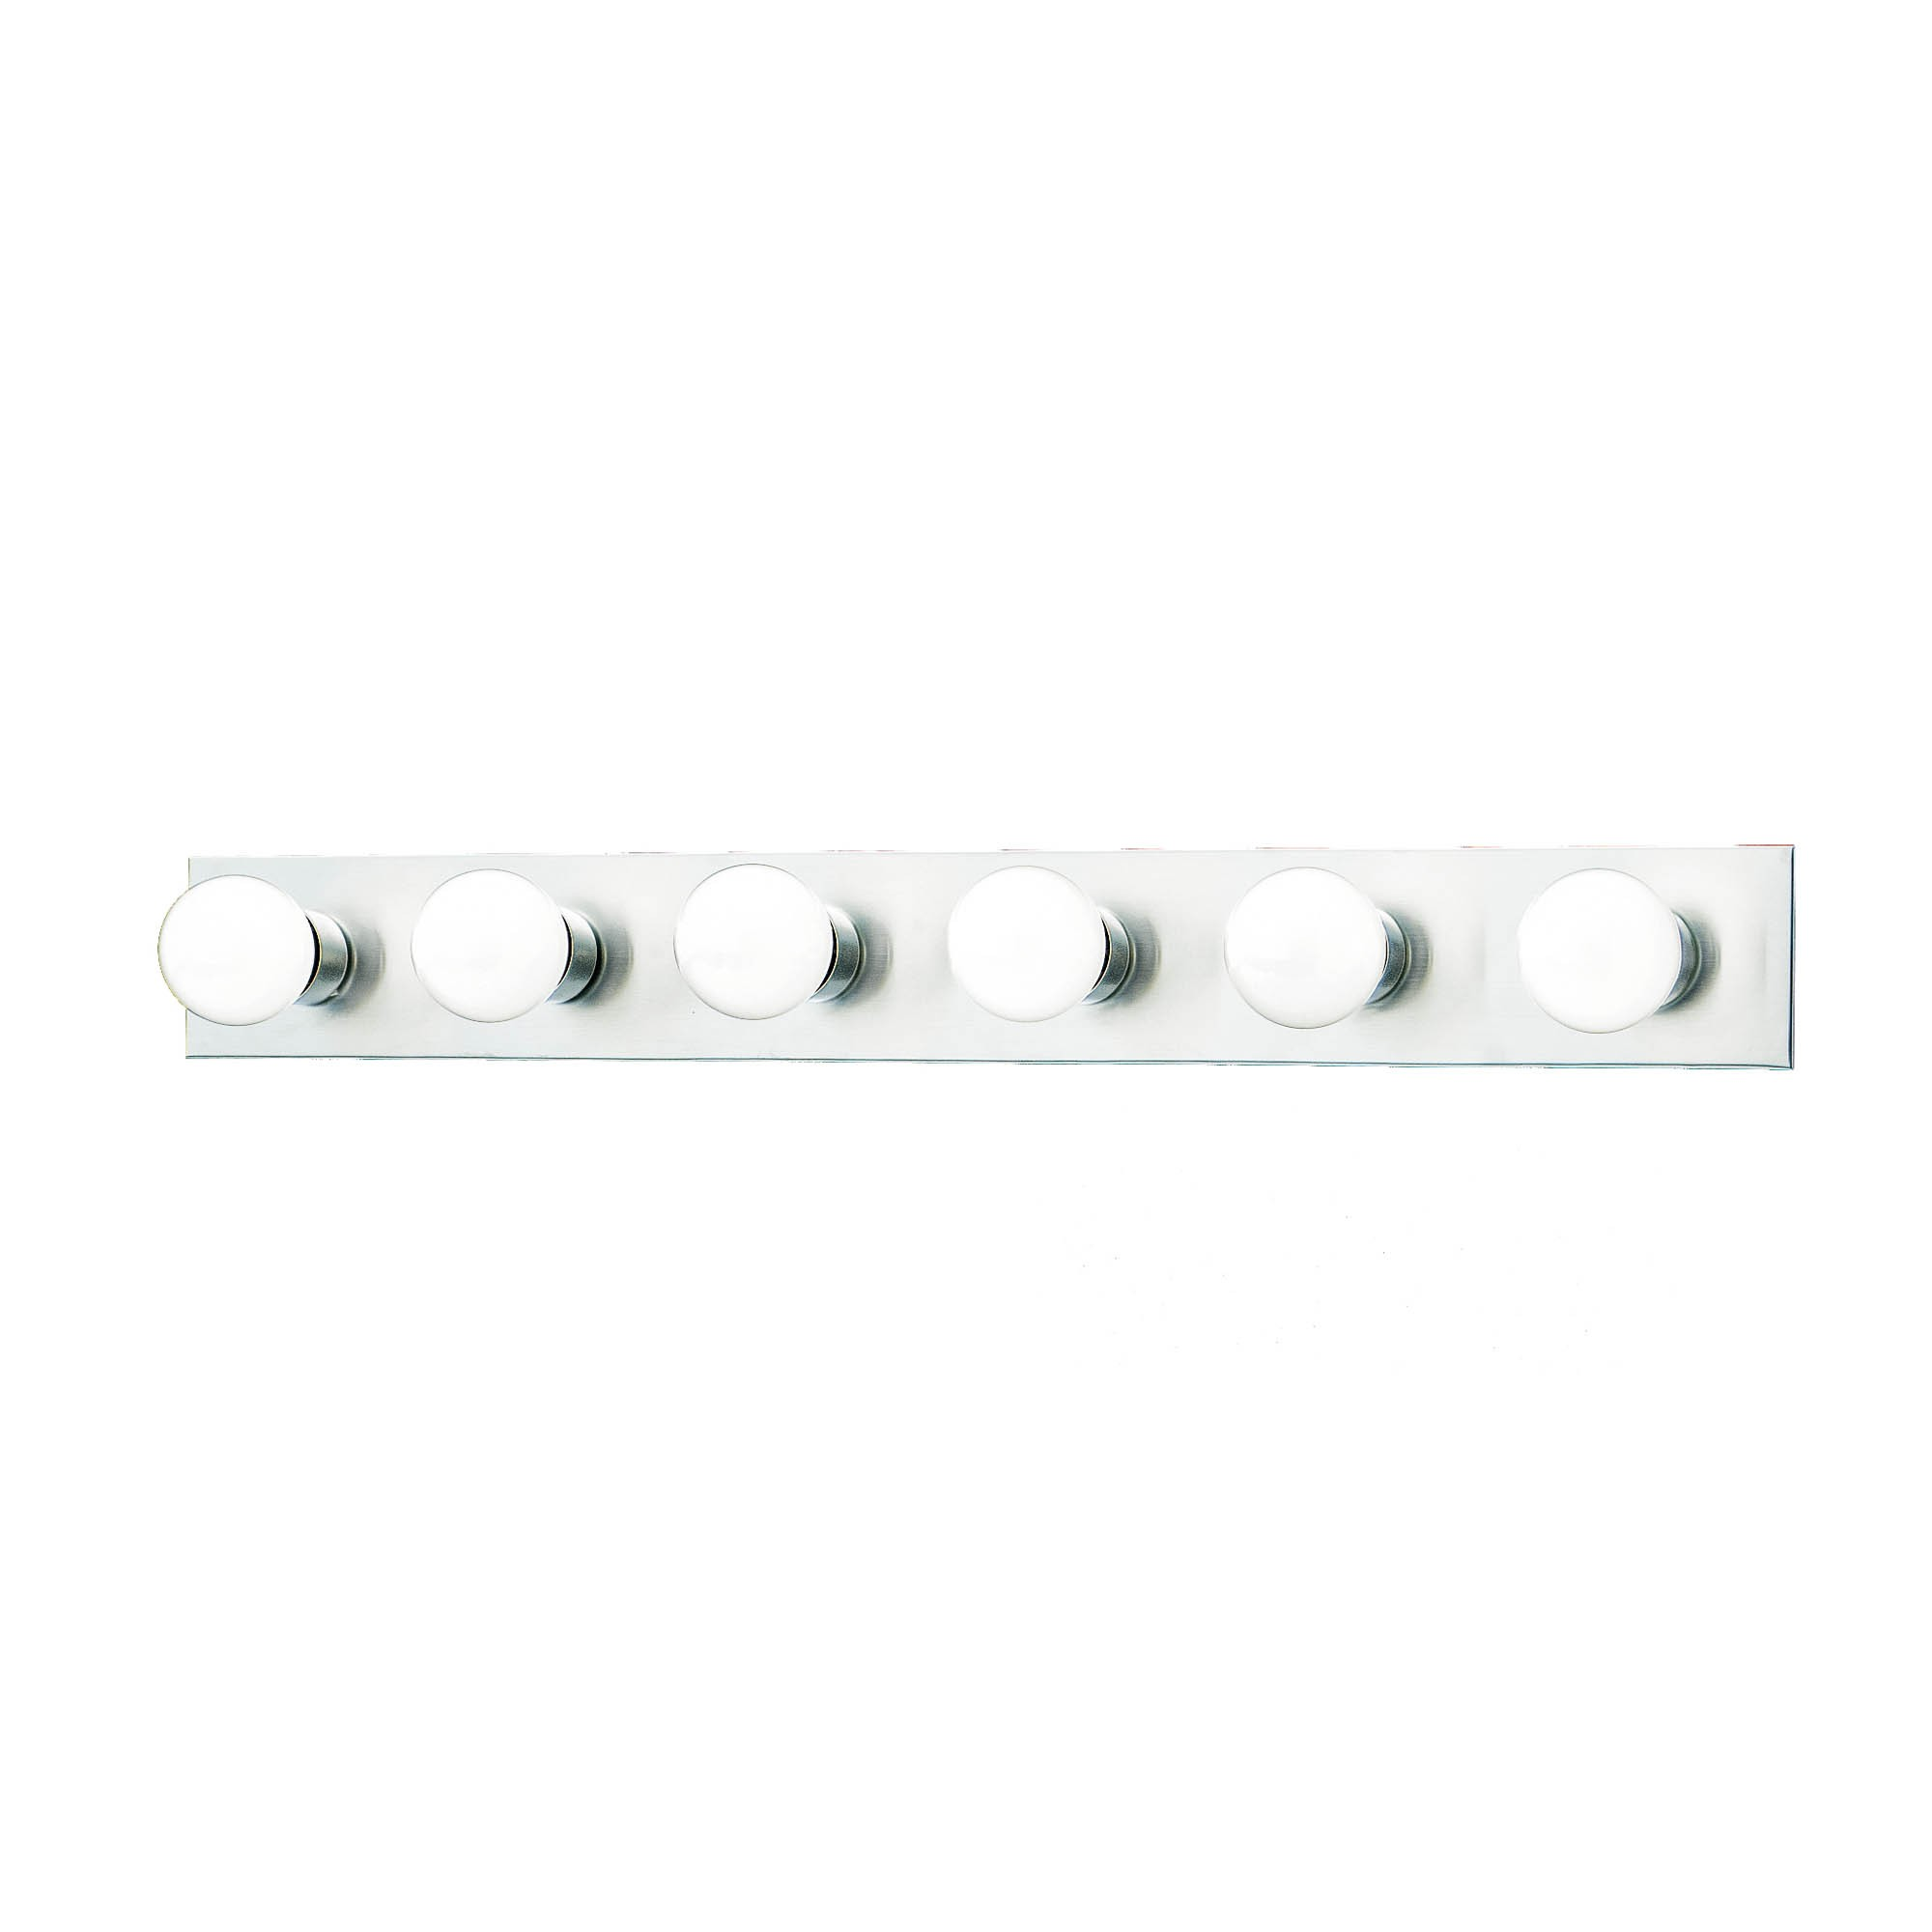 Regular Lamp Of 6 Light Vanity Fixture